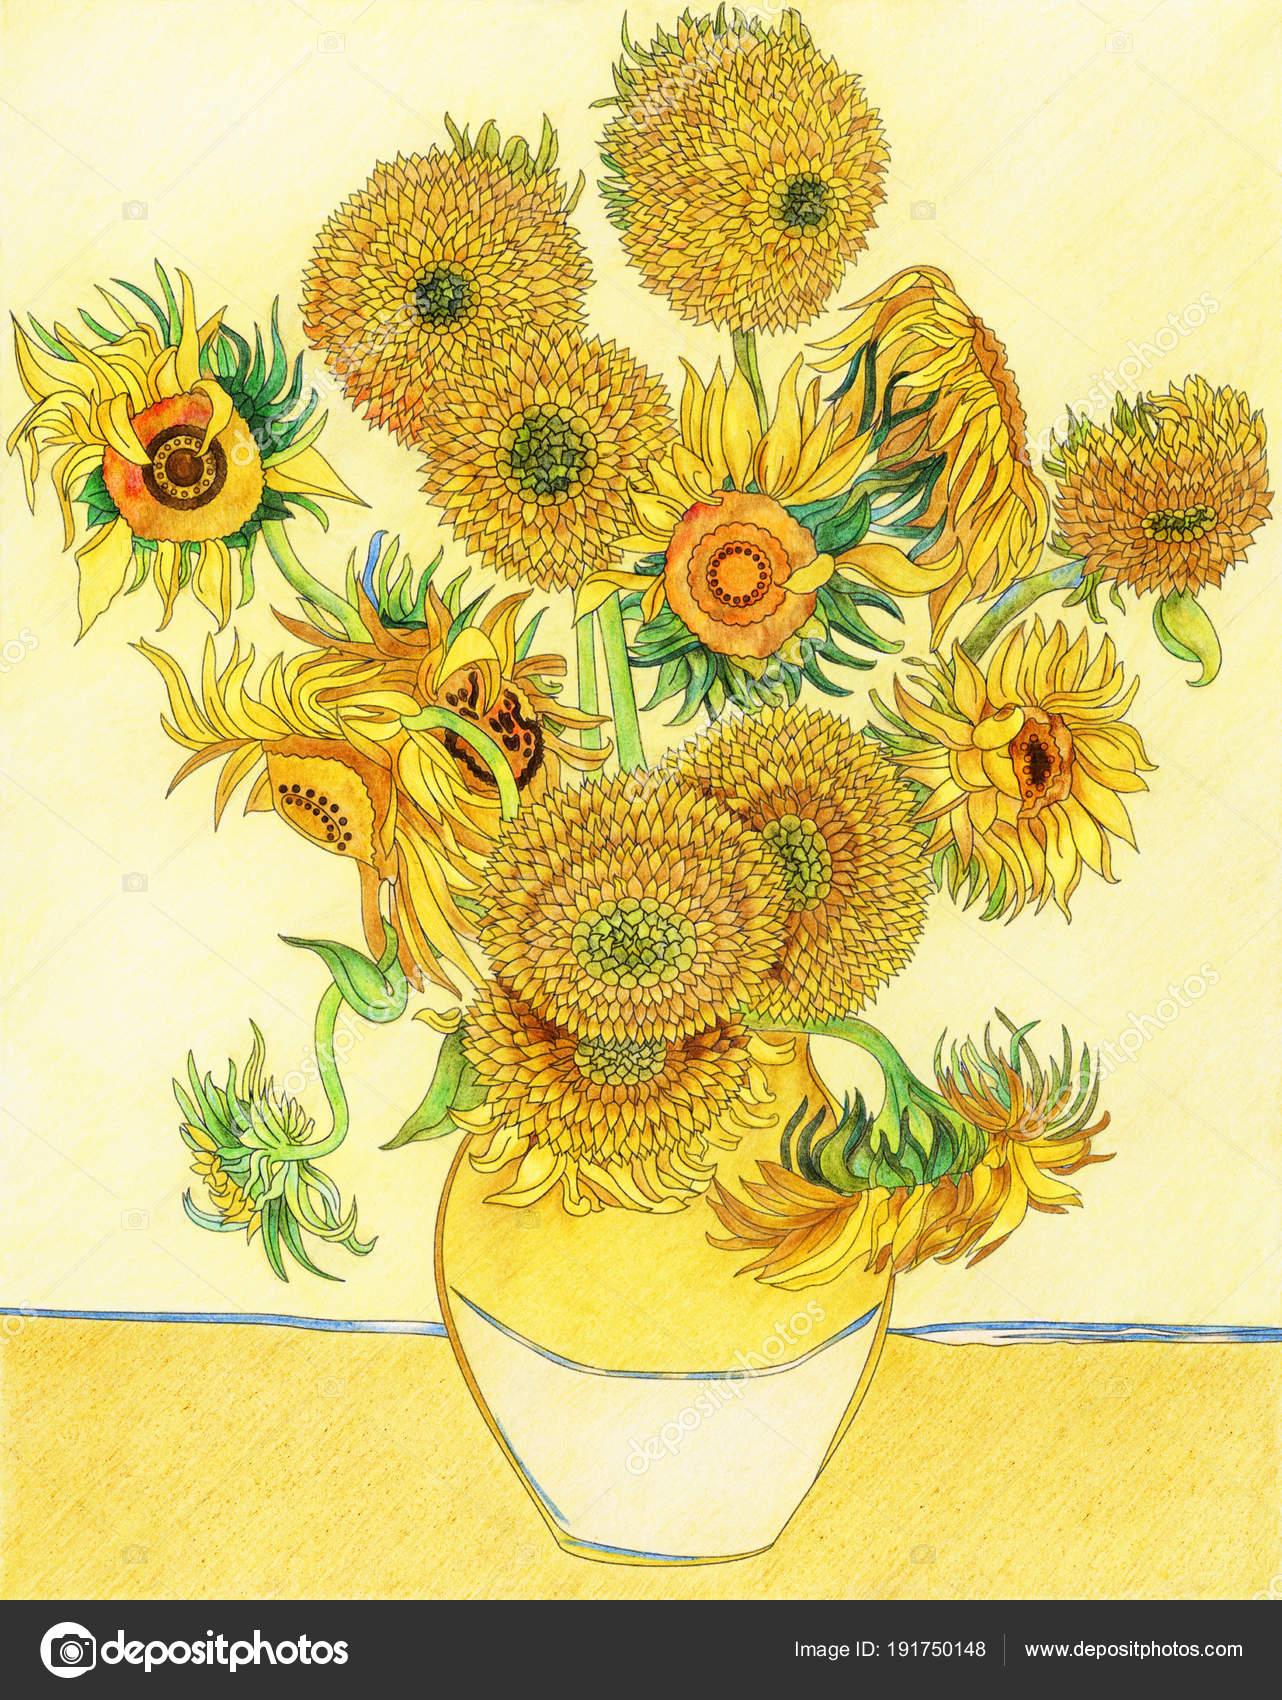 Kleurplaten Zonnebloemen.Van Gogh Zonnebloemen Volwassen Kleurplaat Stockfoto C Rawpixel